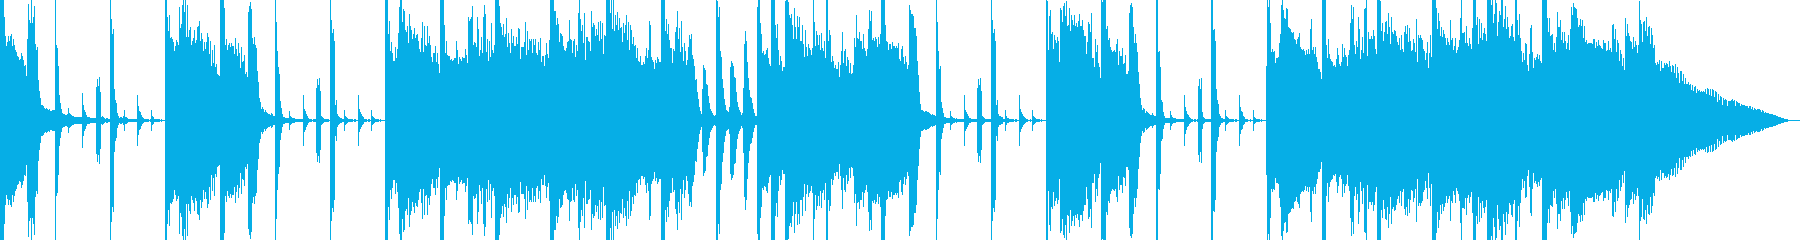 ピアノメイン 落ち着いた雰囲気のAORの再生済みの波形